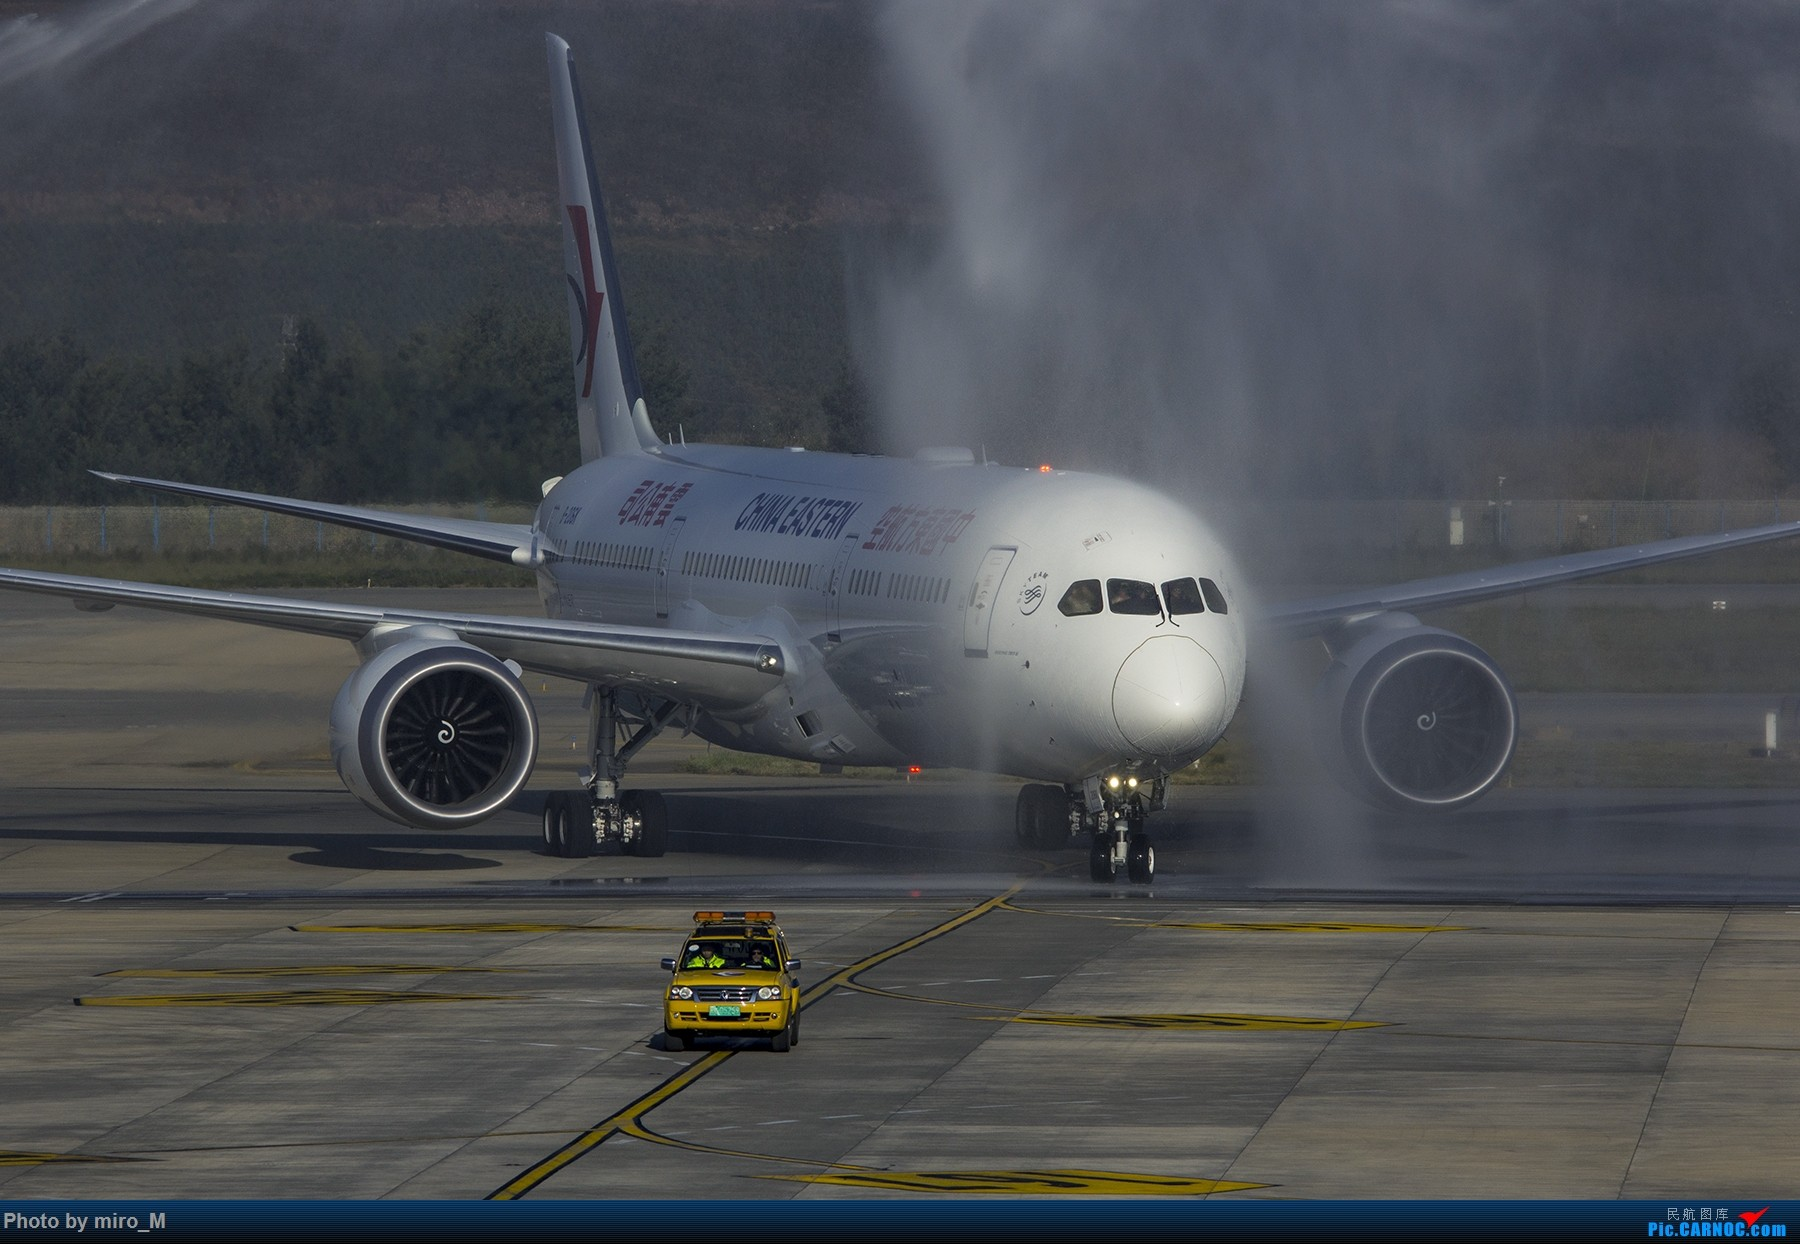 【一图党】水门迎接燕子首架789入驻云南 BOEING 787-9 B-206K 中国昆明长水国际机场